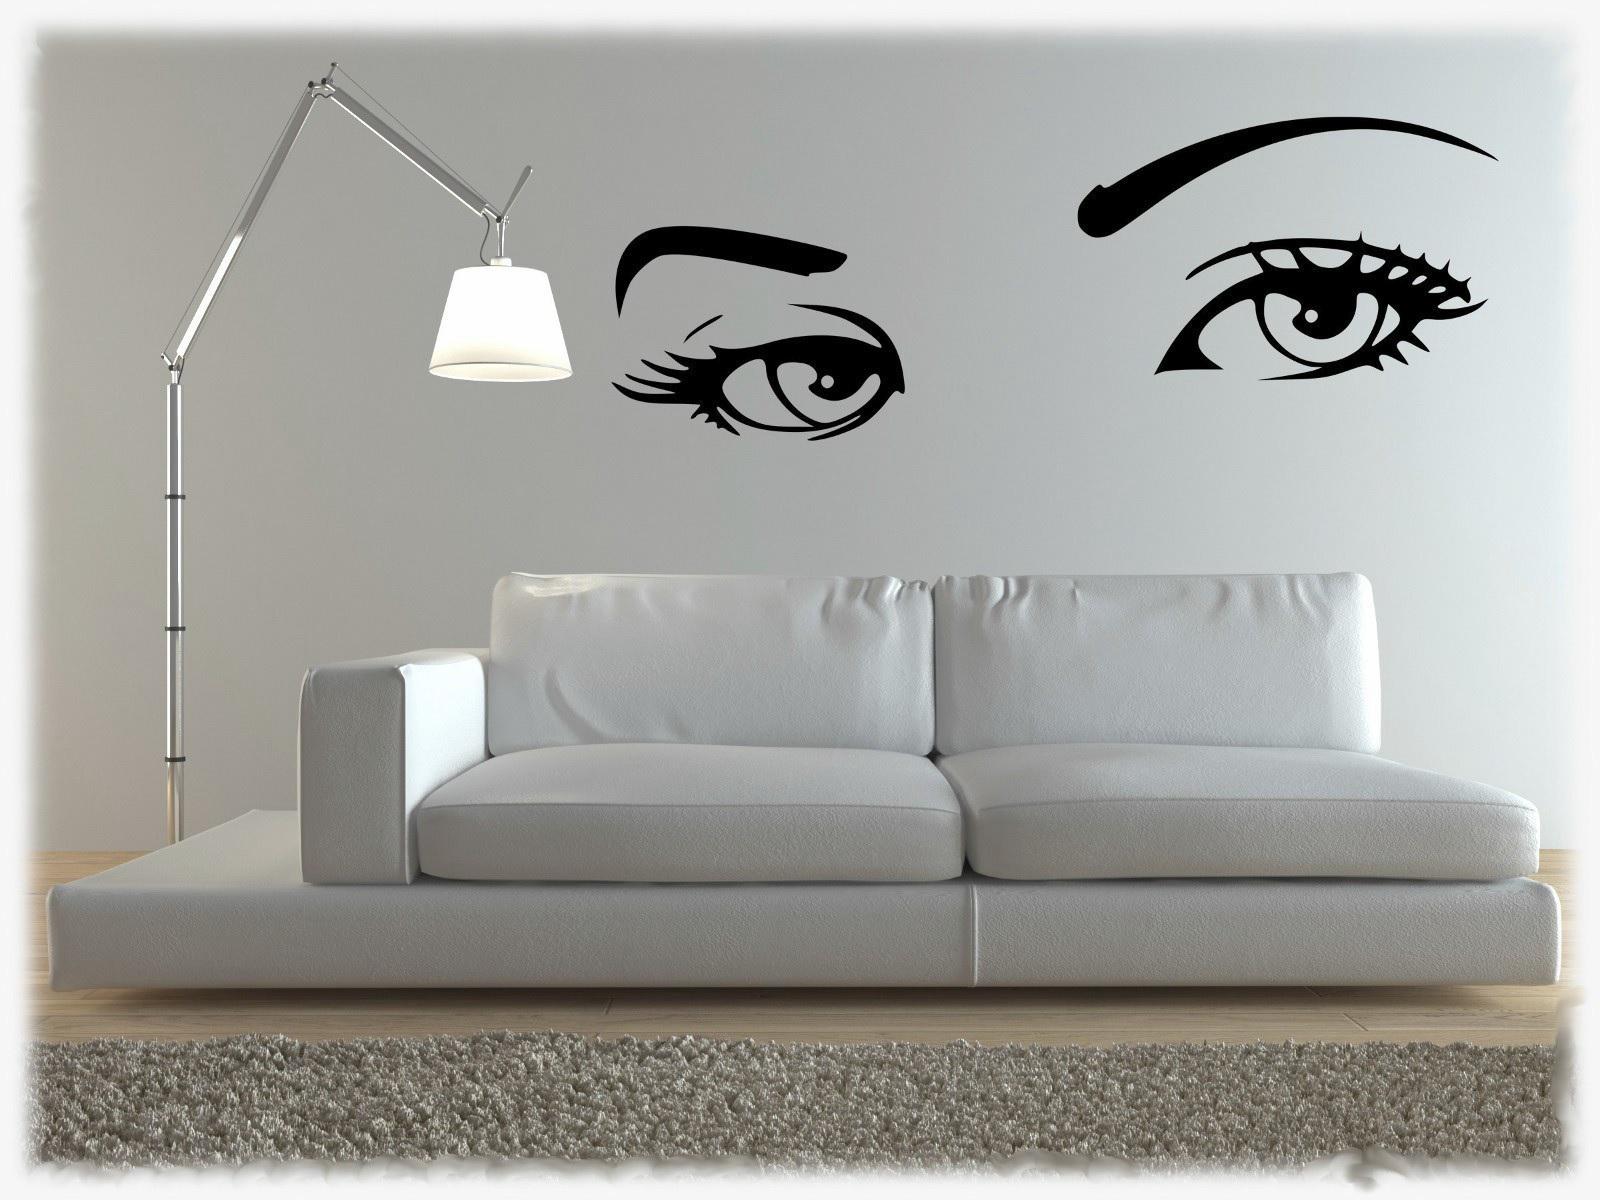 Sai che colore fare le pareti di casa blog specialista for Colori per muri